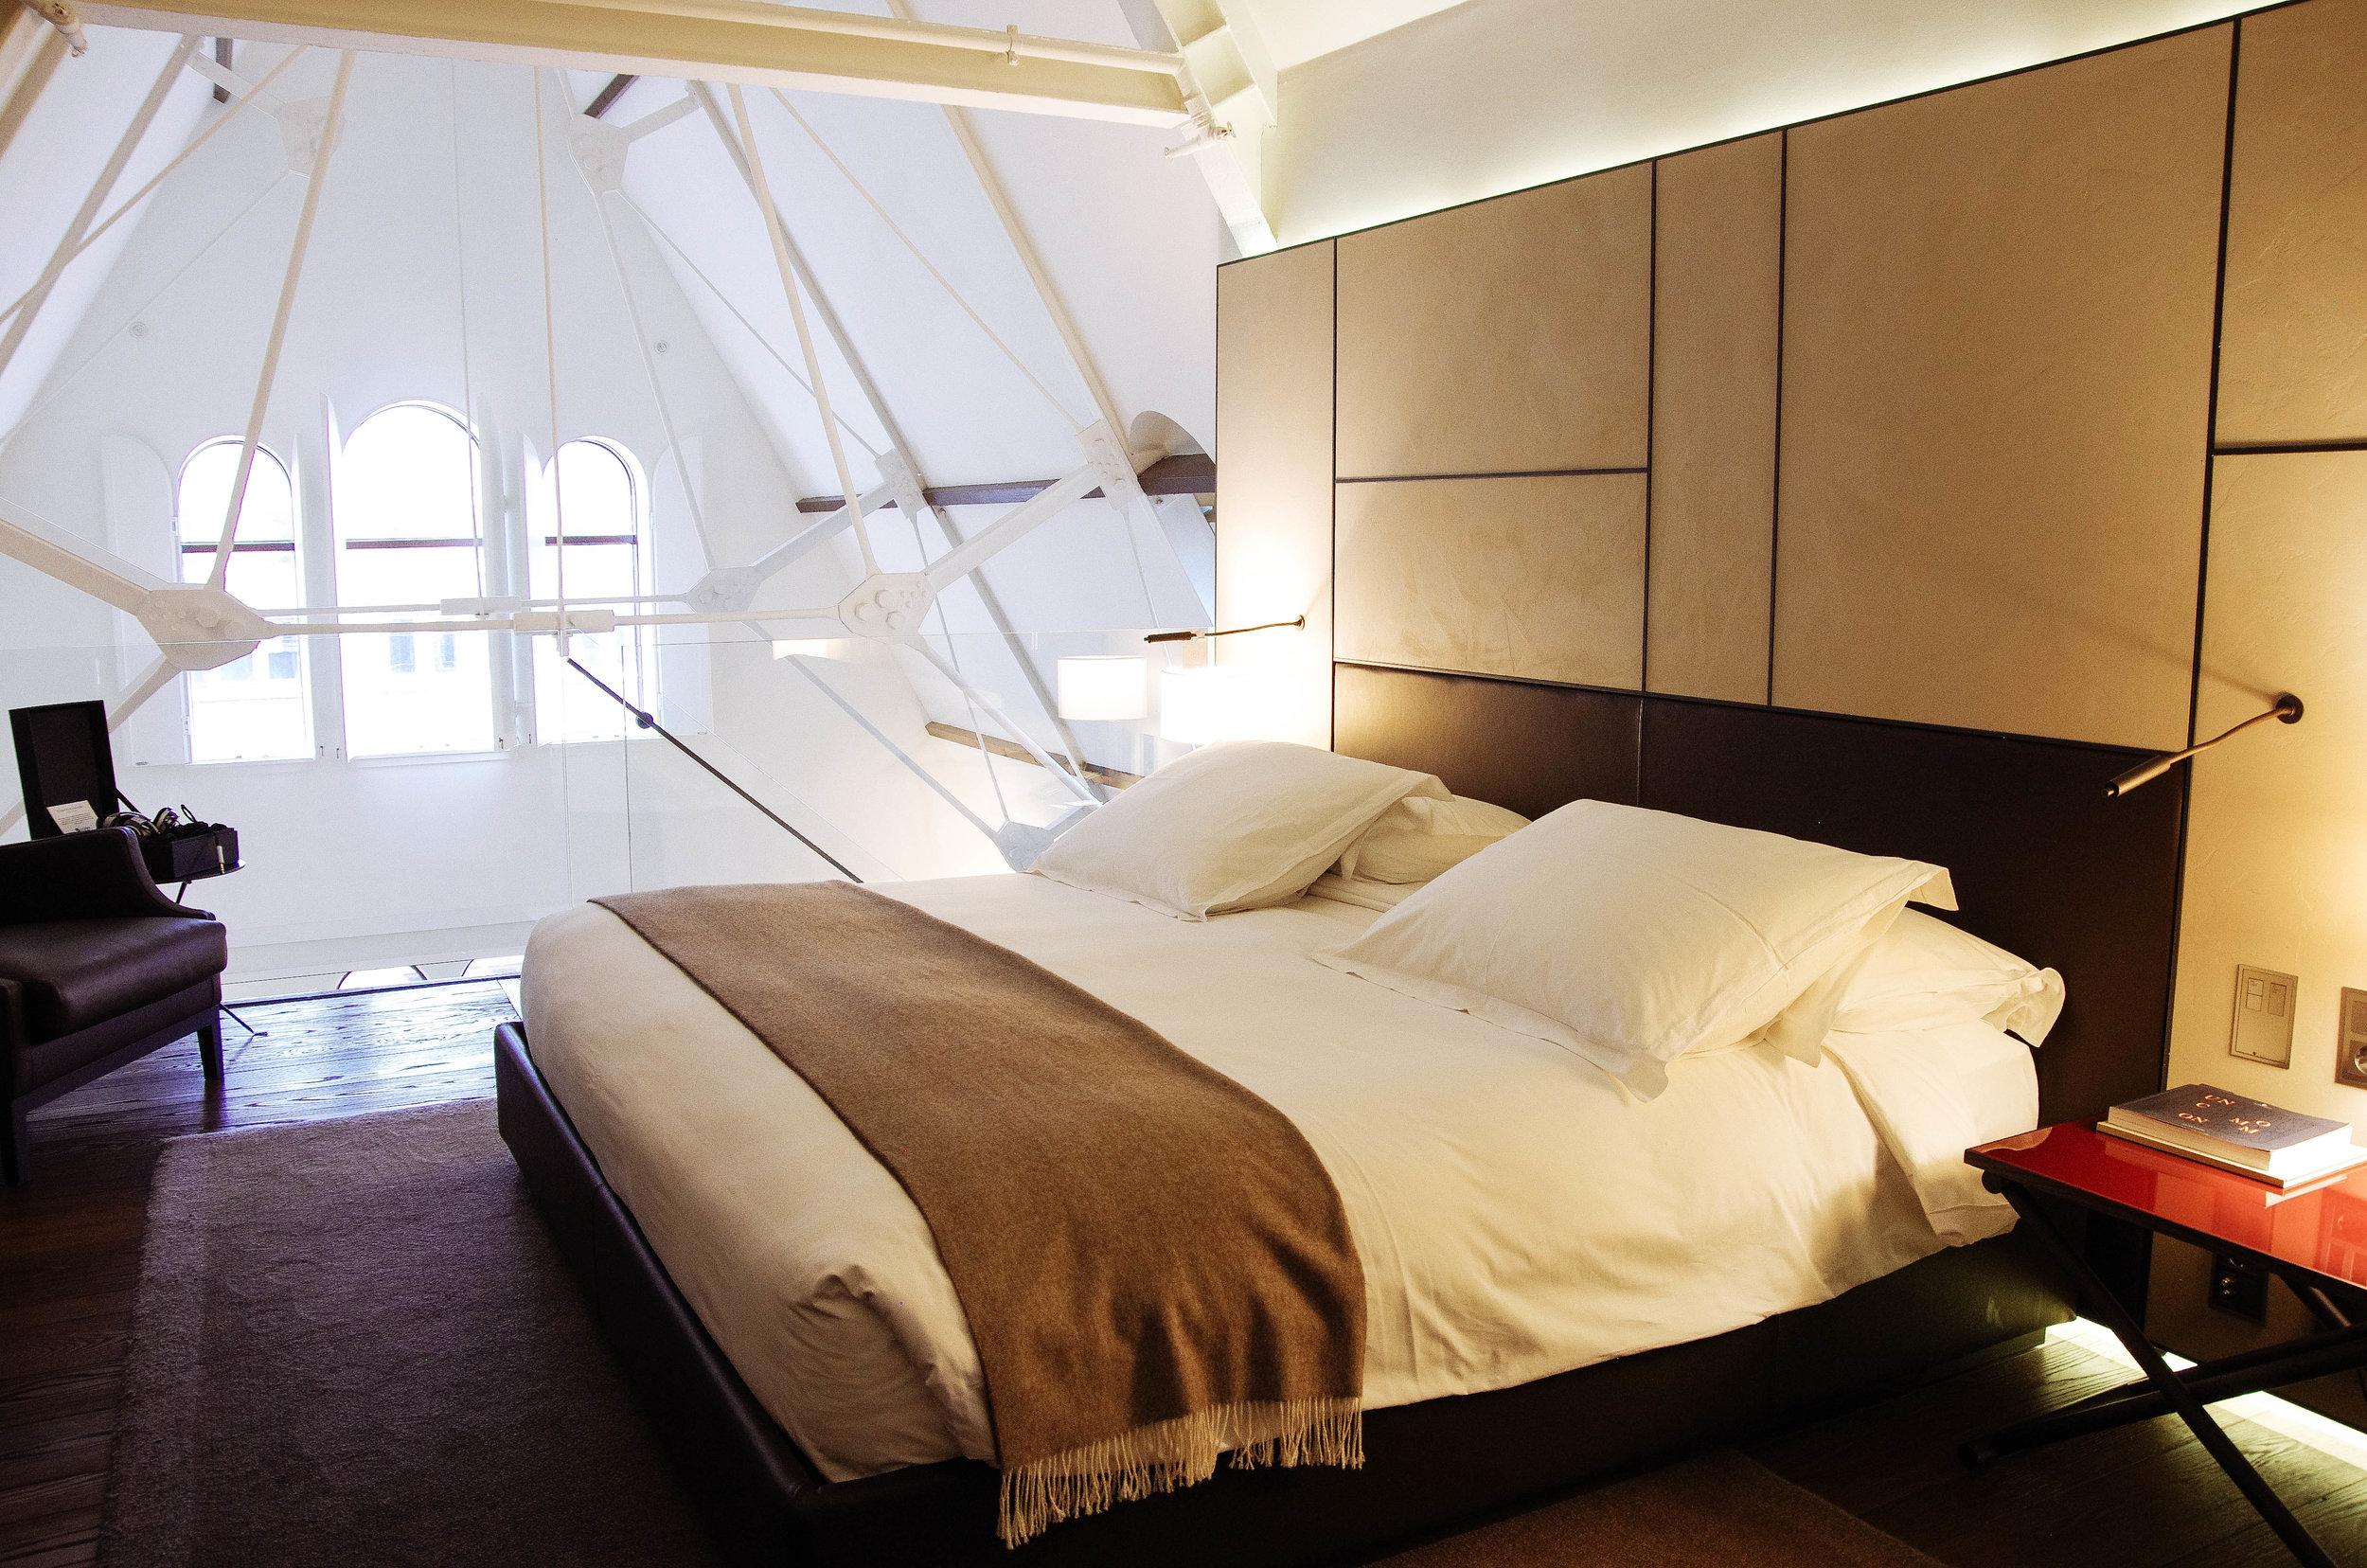 CONSERVATORIUM HOTEL AMSTERDAM - Room 7.jpg